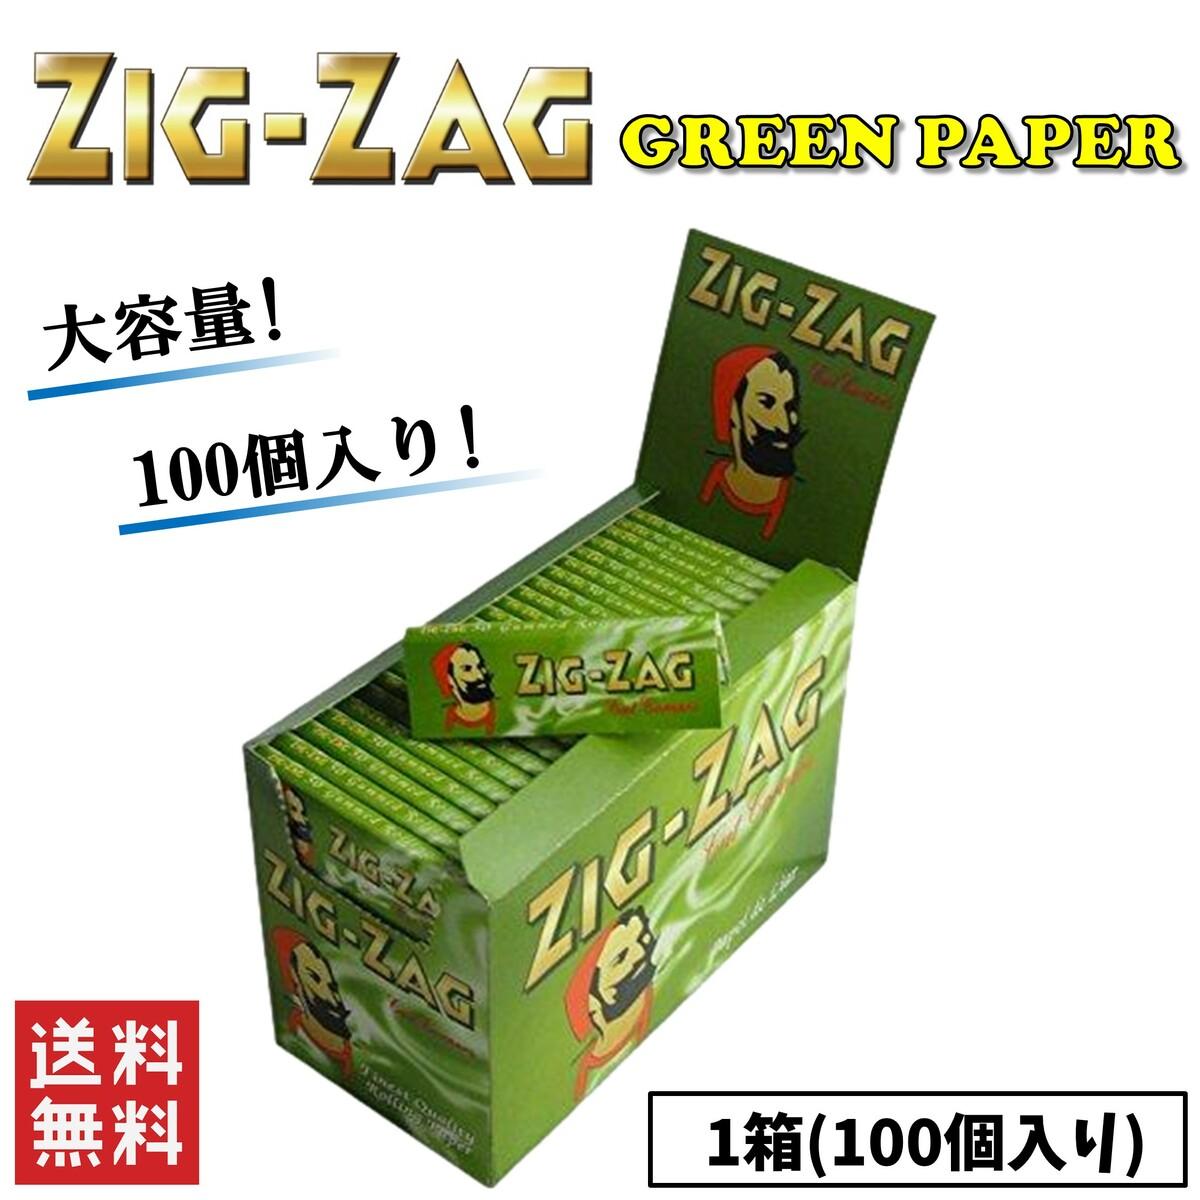 送料無料 ZIG 気質アップ ZAG ジグザグ グリーン ペーパー 1箱 100個入り 喫煙具 輸入 手巻きたばこ スモーキング